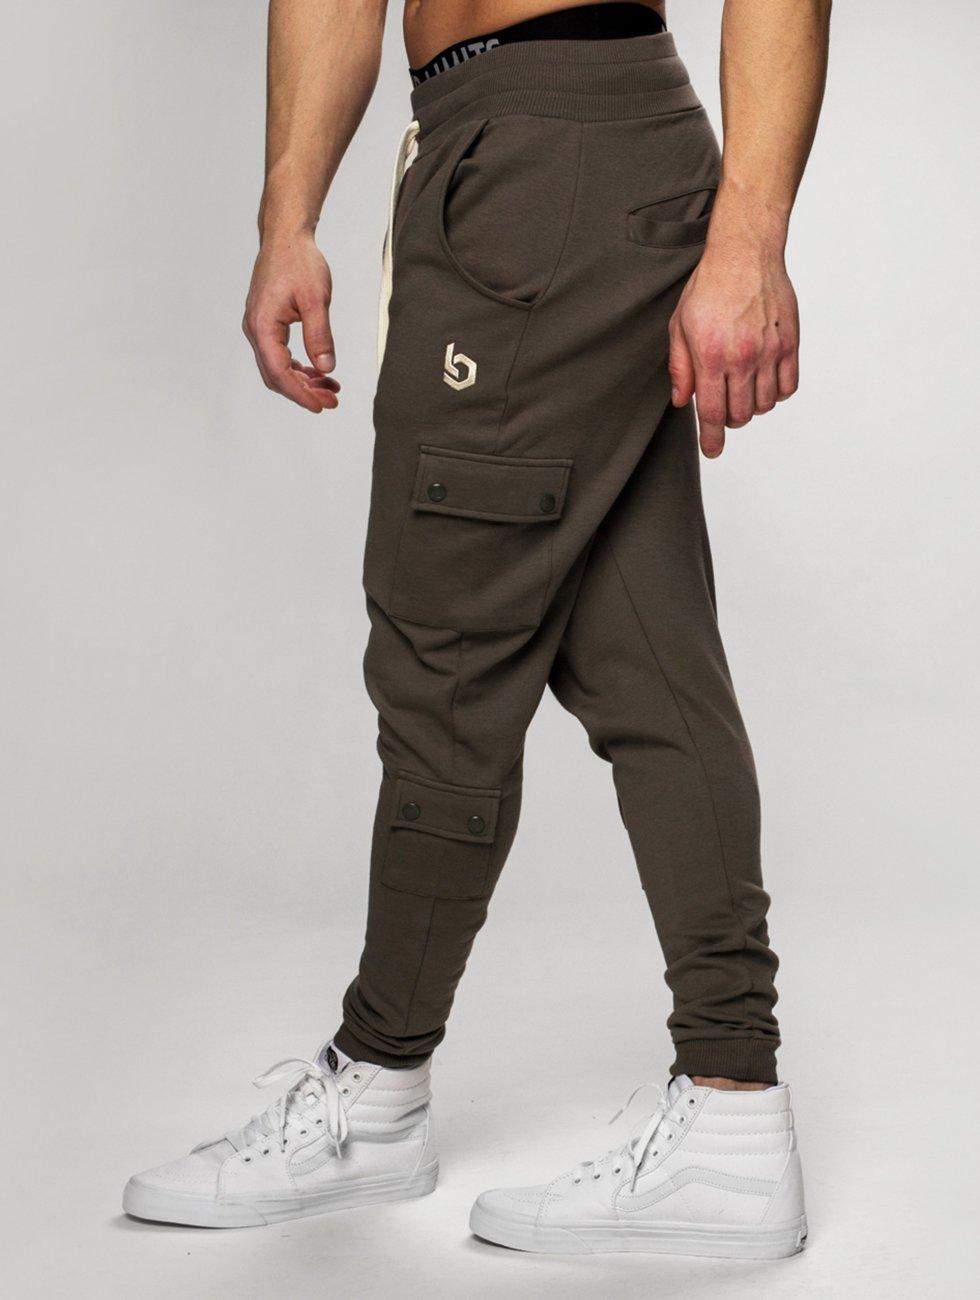 Beyond Limits Pantalone ginnico Cargo cachi